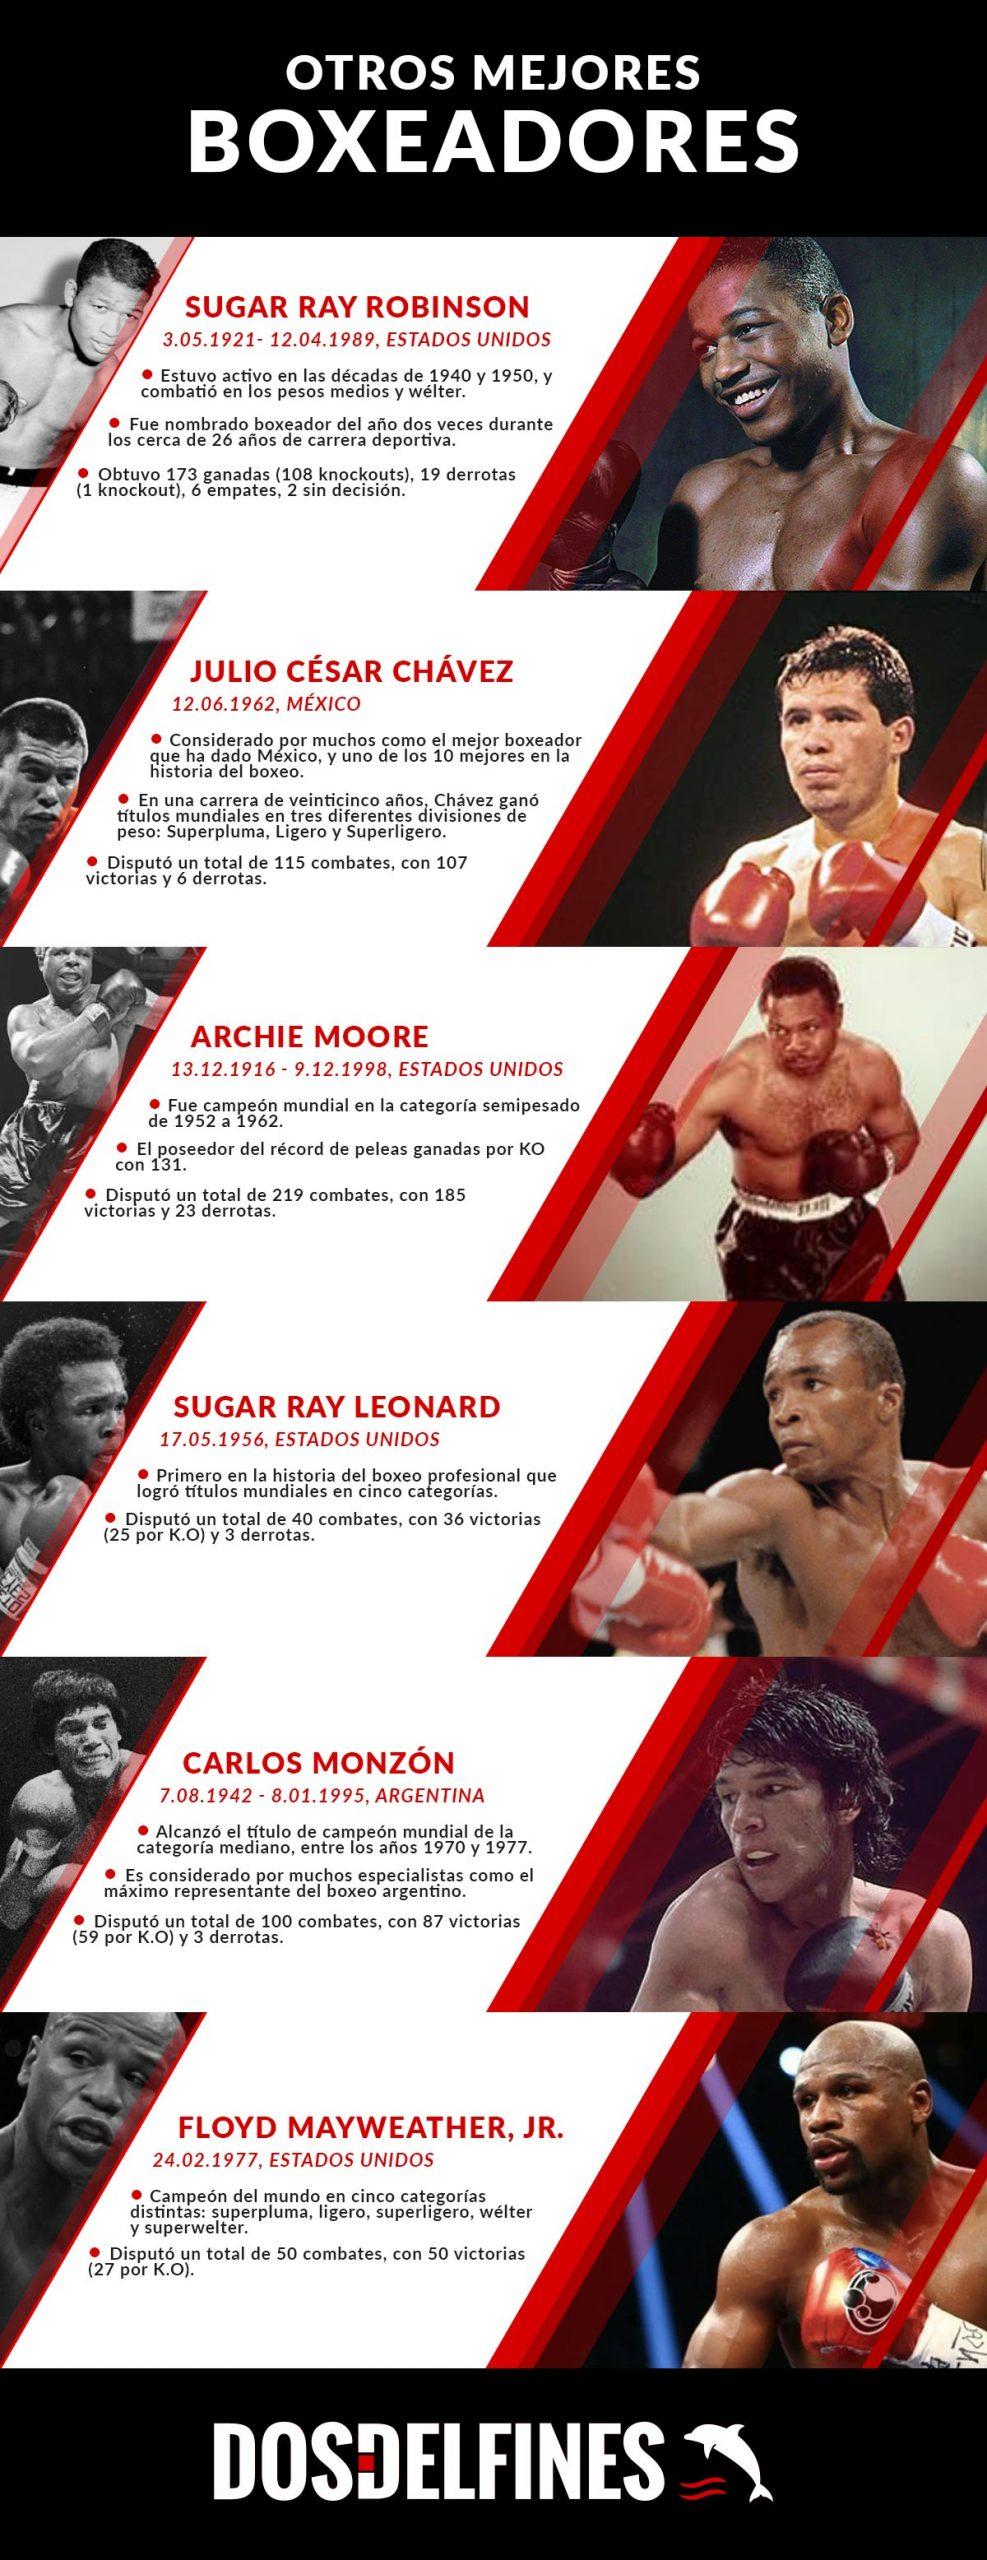 Top mejores boxeadores - dosdelfines.es